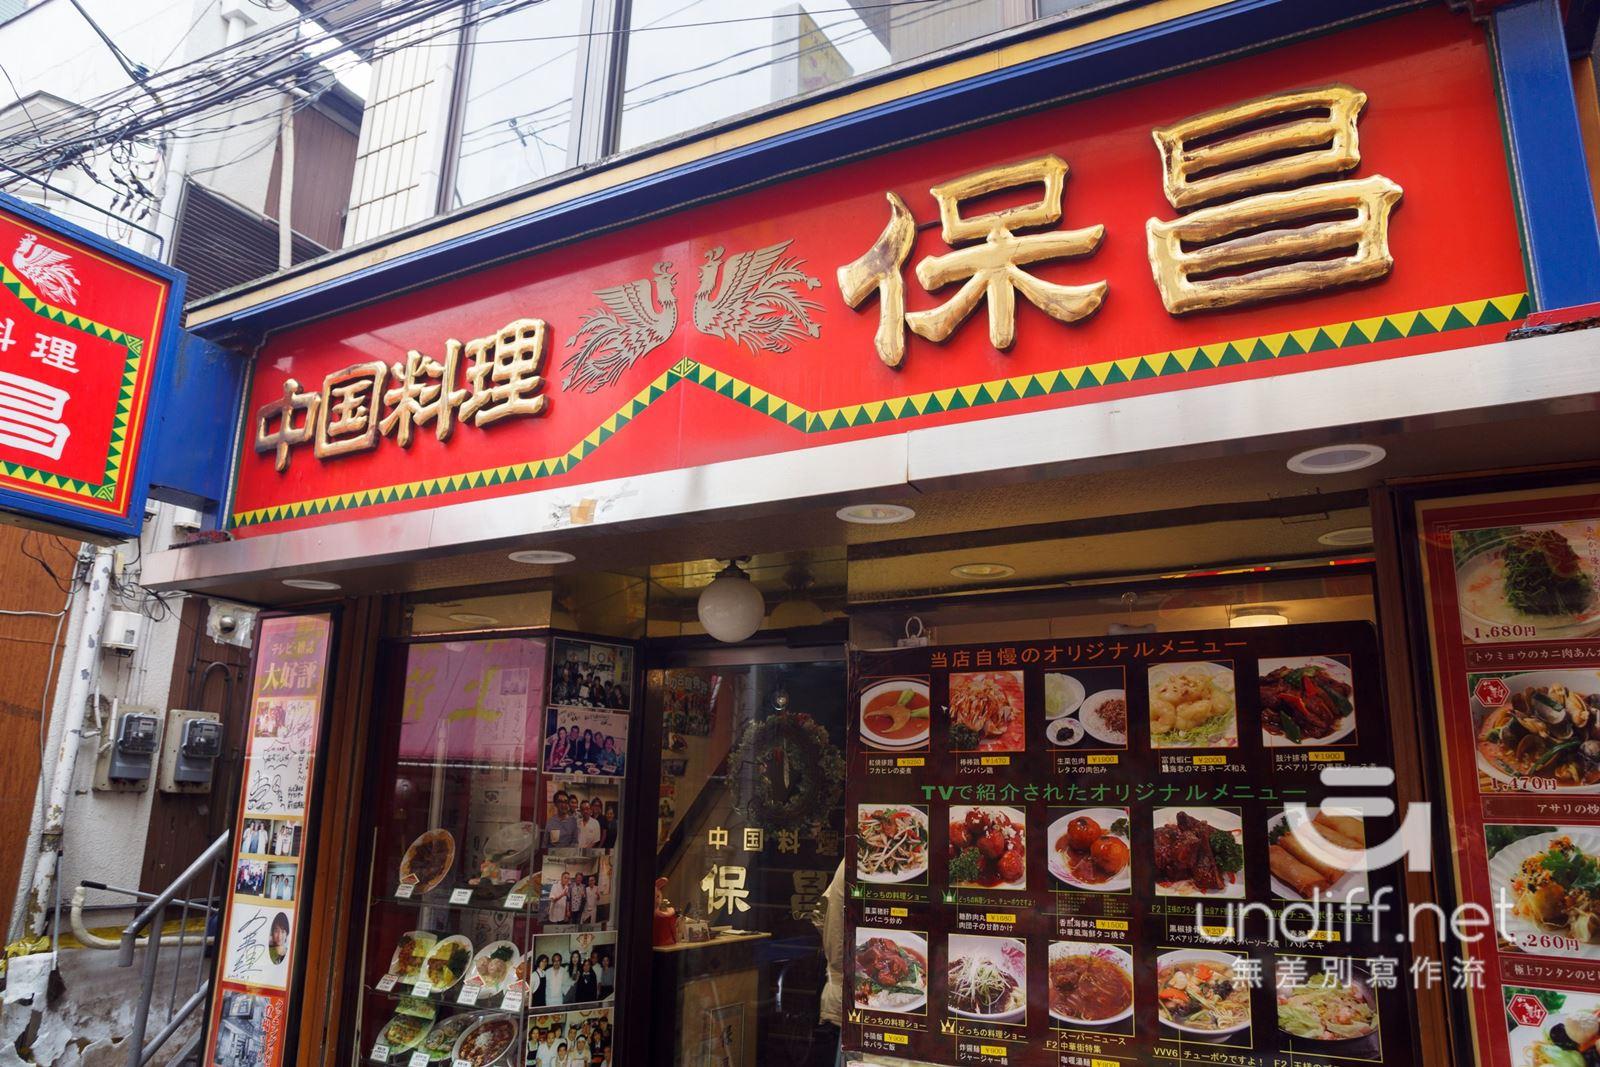 【橫濱美食】中華街 保昌 中國料理 》日本藝人、大胃女王推薦名店 4